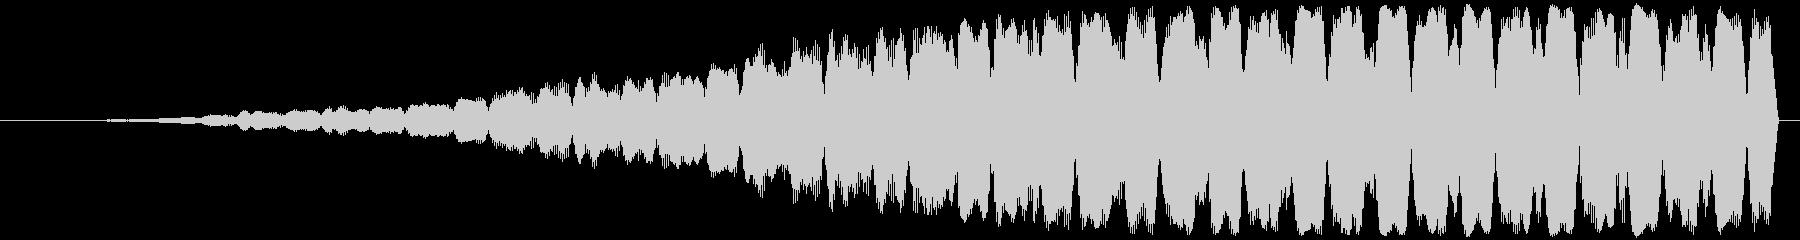 不協和音ハウリング【ホラー】ヒィィィィィの未再生の波形